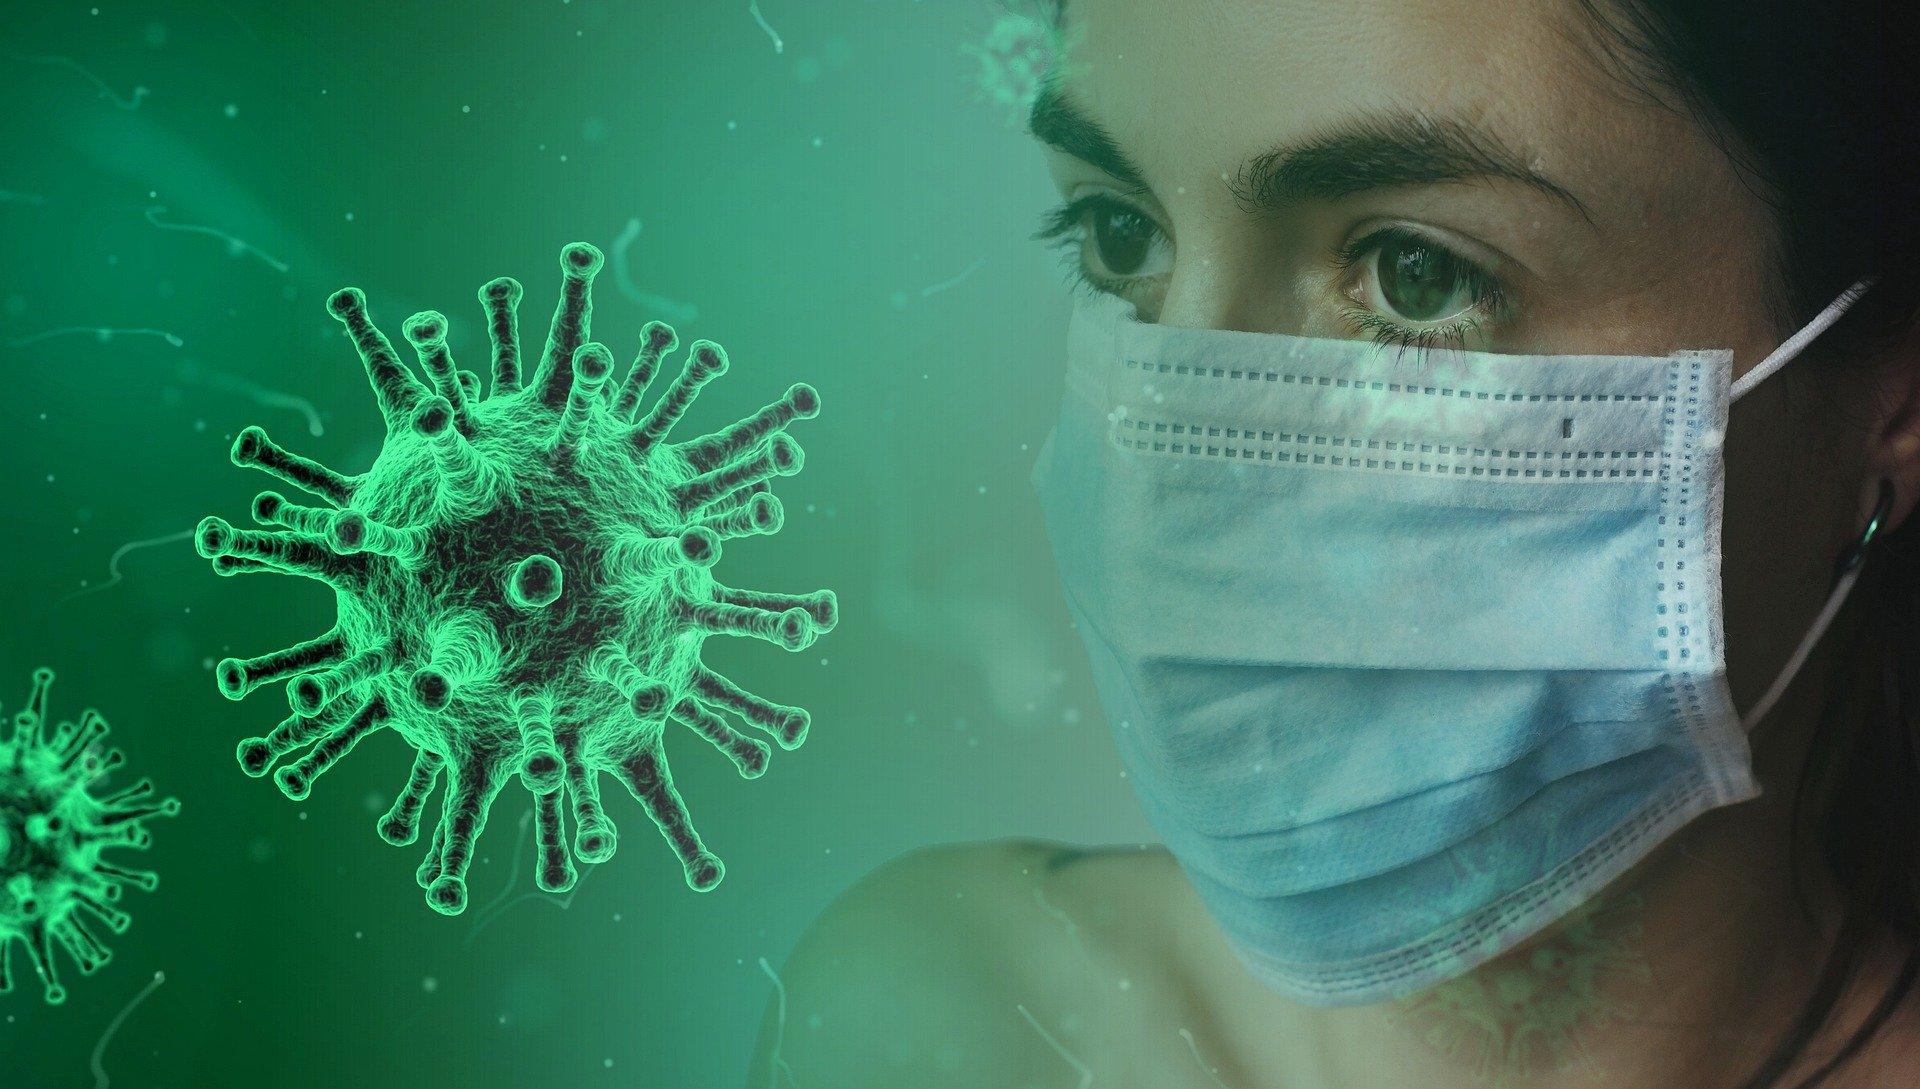 axiwi-schnurloser-Kommunikation-für-medizinische-Prozesse-im-Krankenhaus-coronavirus